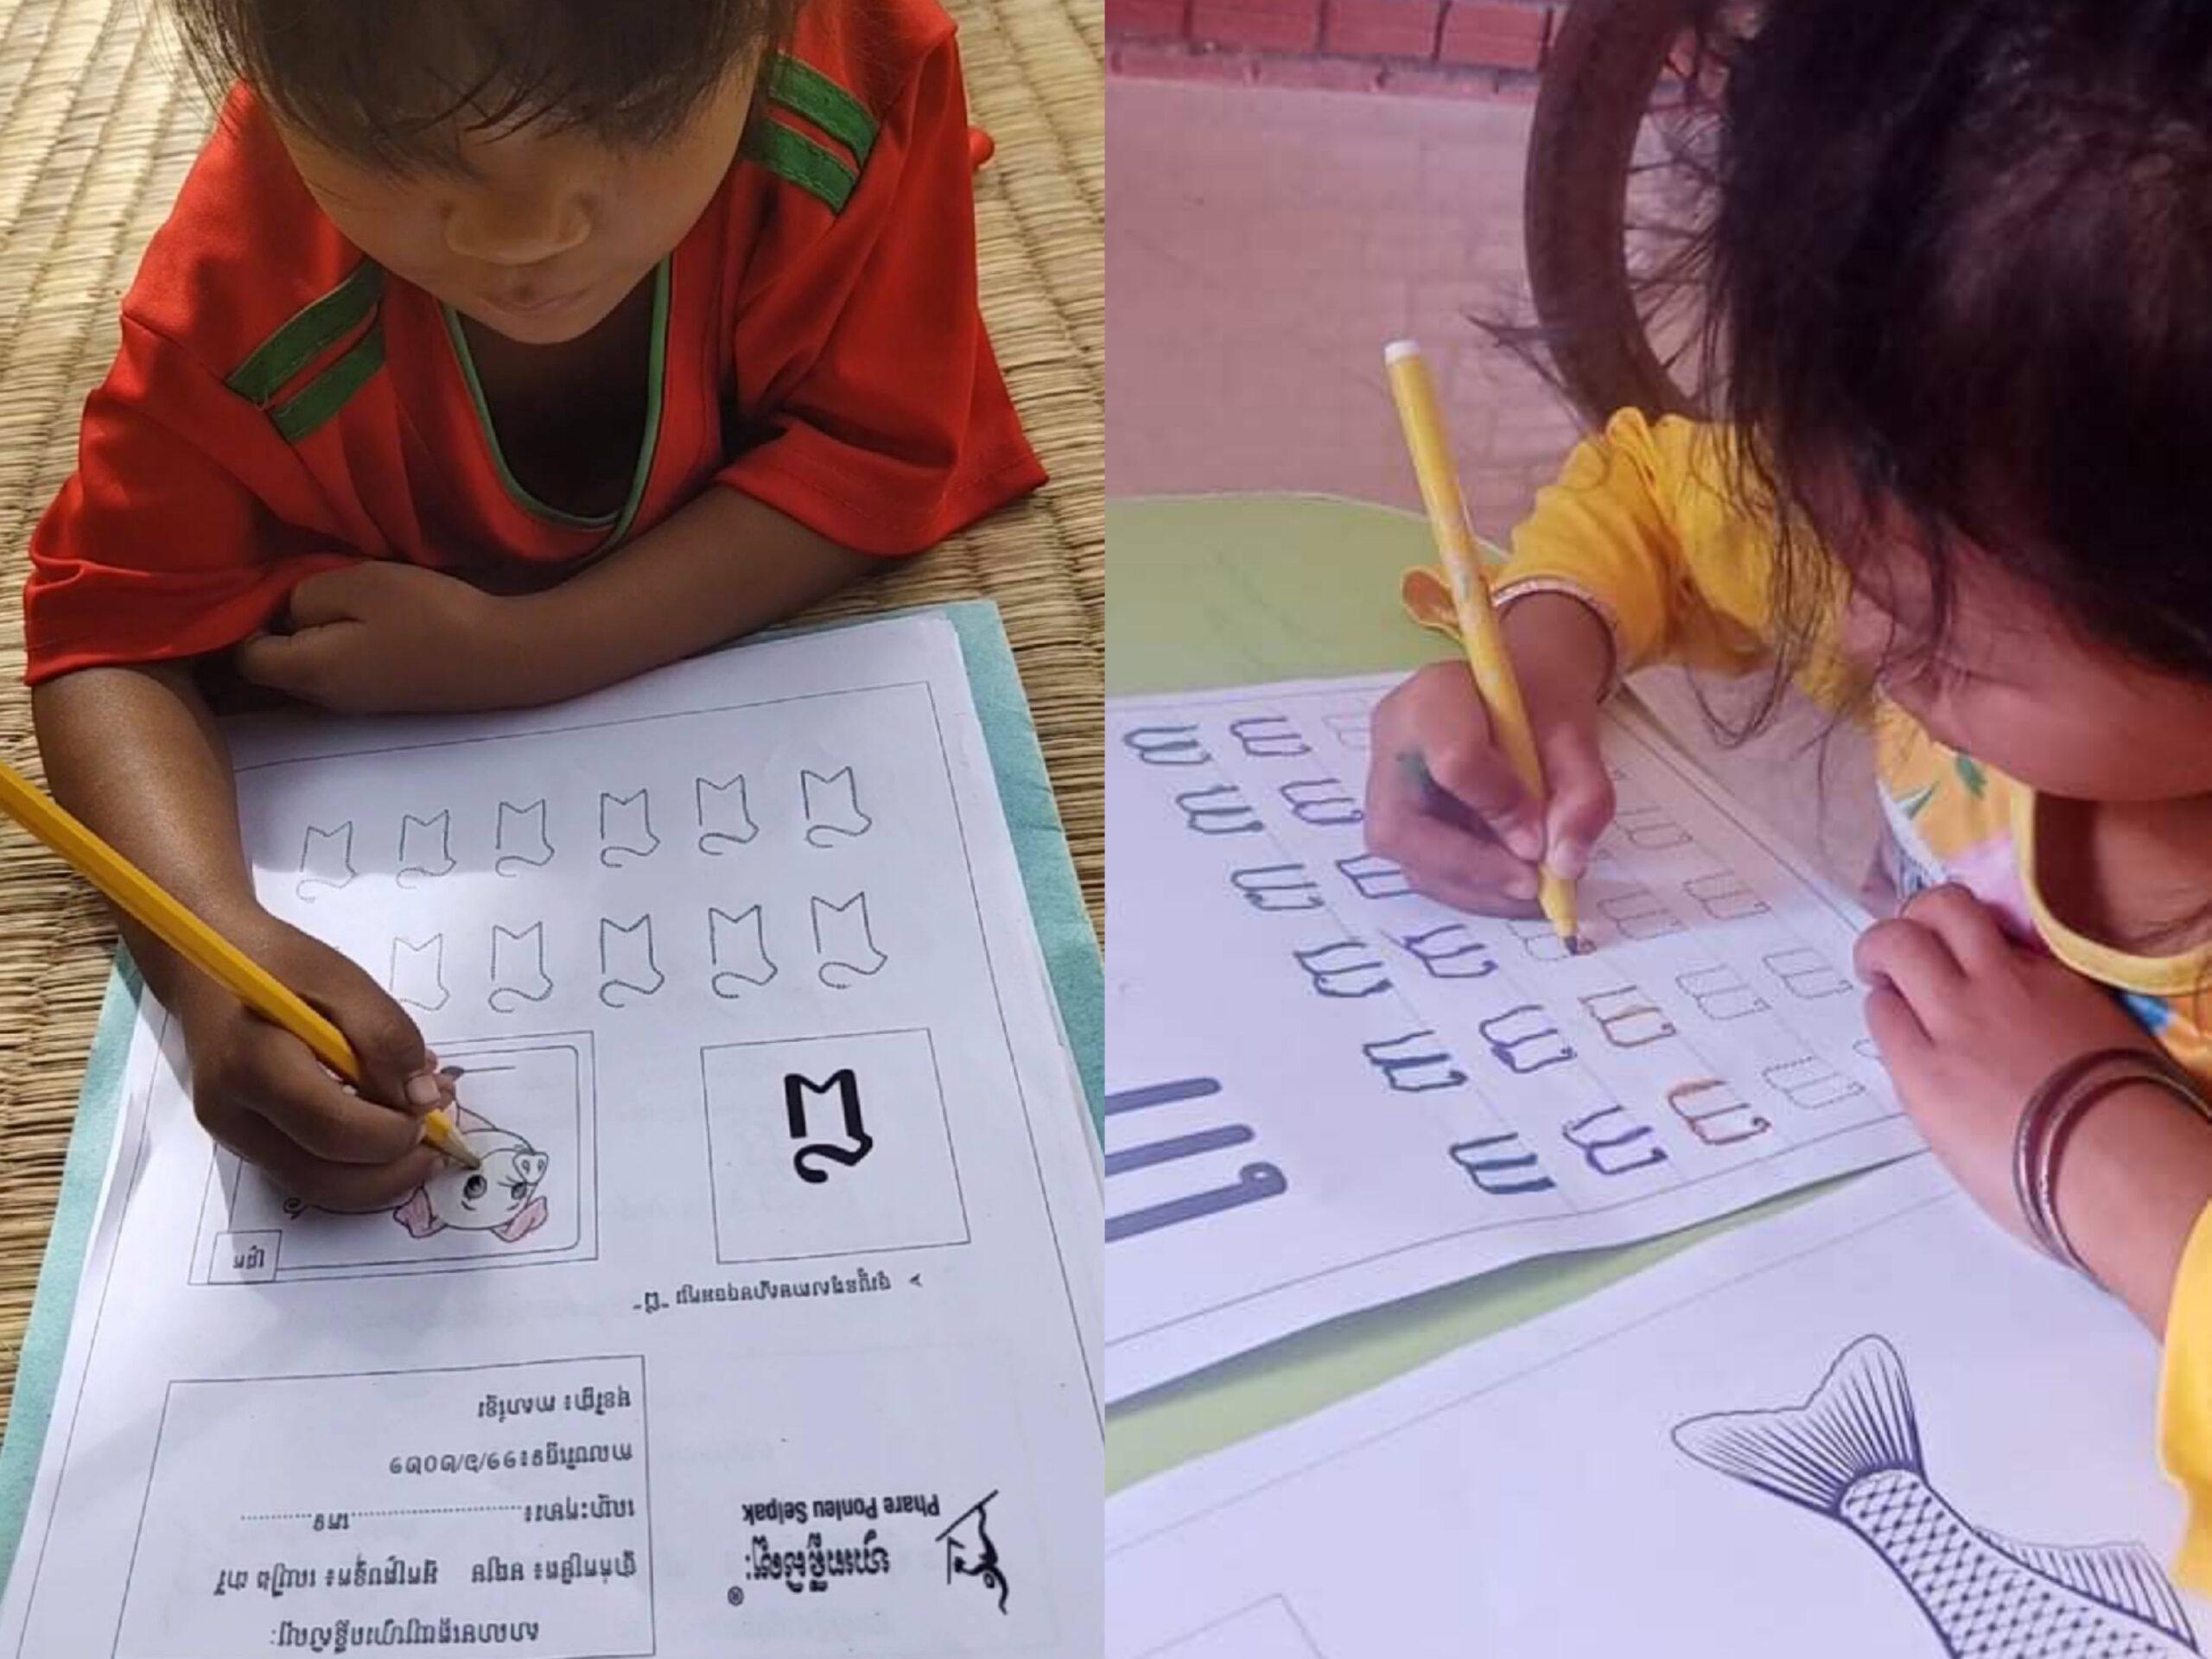 Alors que les écoles cambodgiennes restent fermées, Phare essaie de nouvelles façons de garder les élèves, les enseignants et les parents engagés